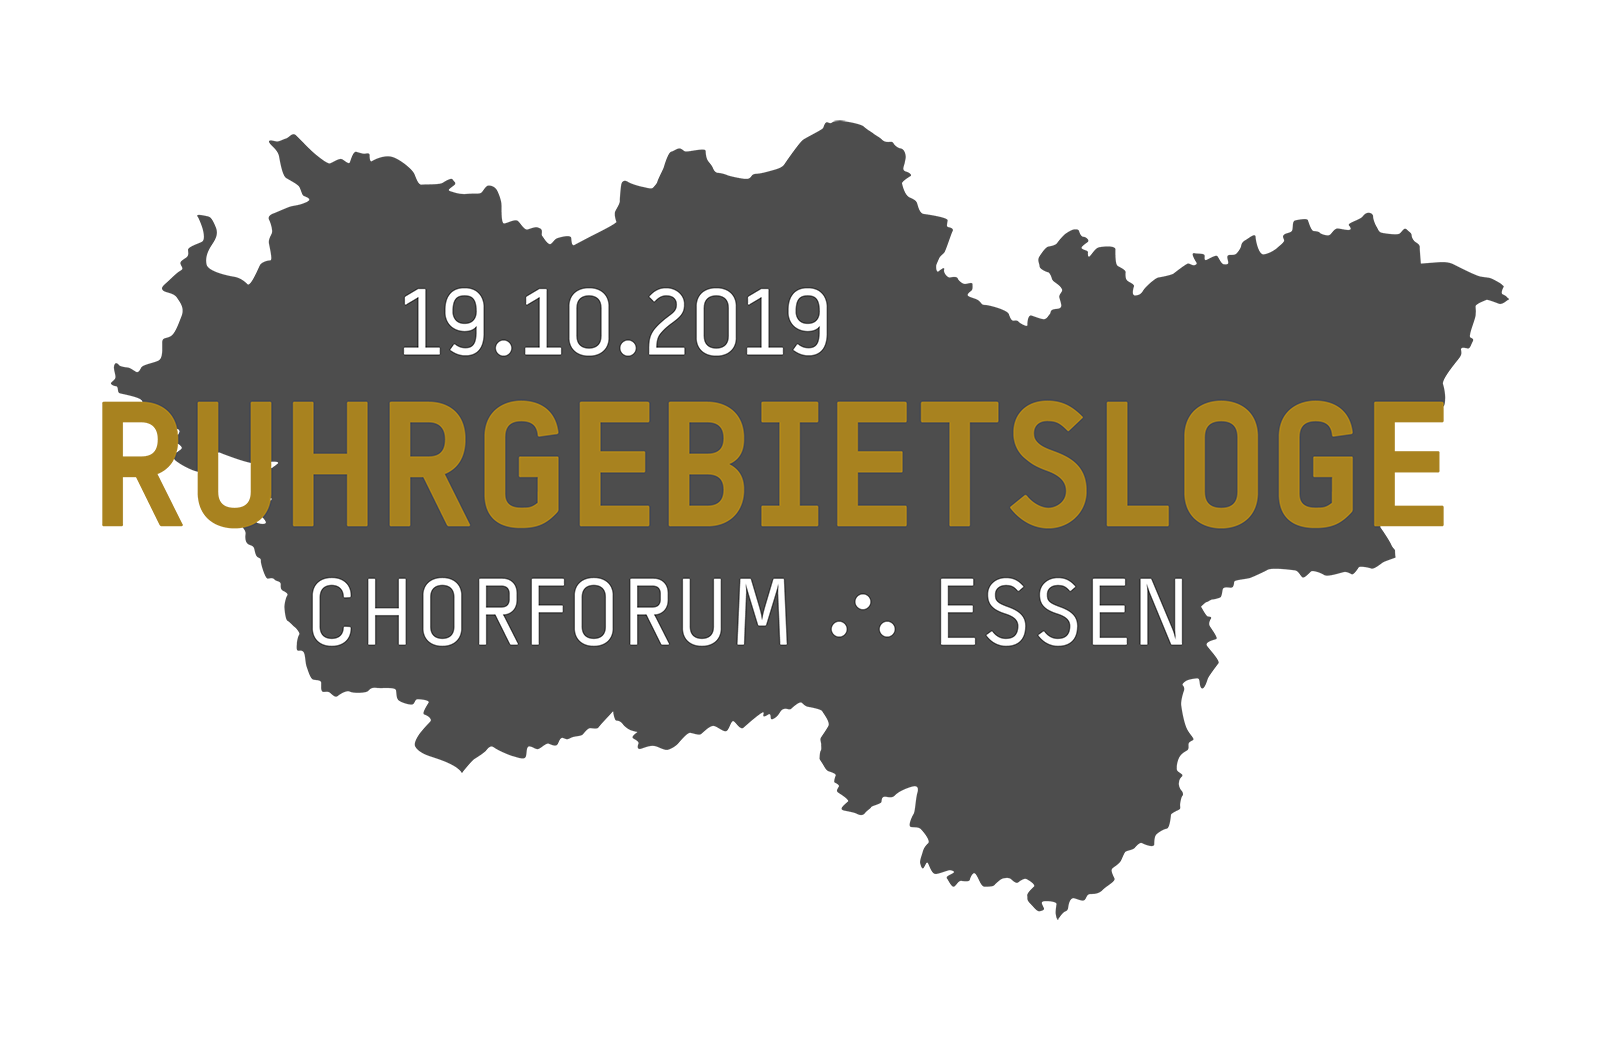 Ruhrgebietsloge 2019 - Chorforum Essen - 19.10.2019